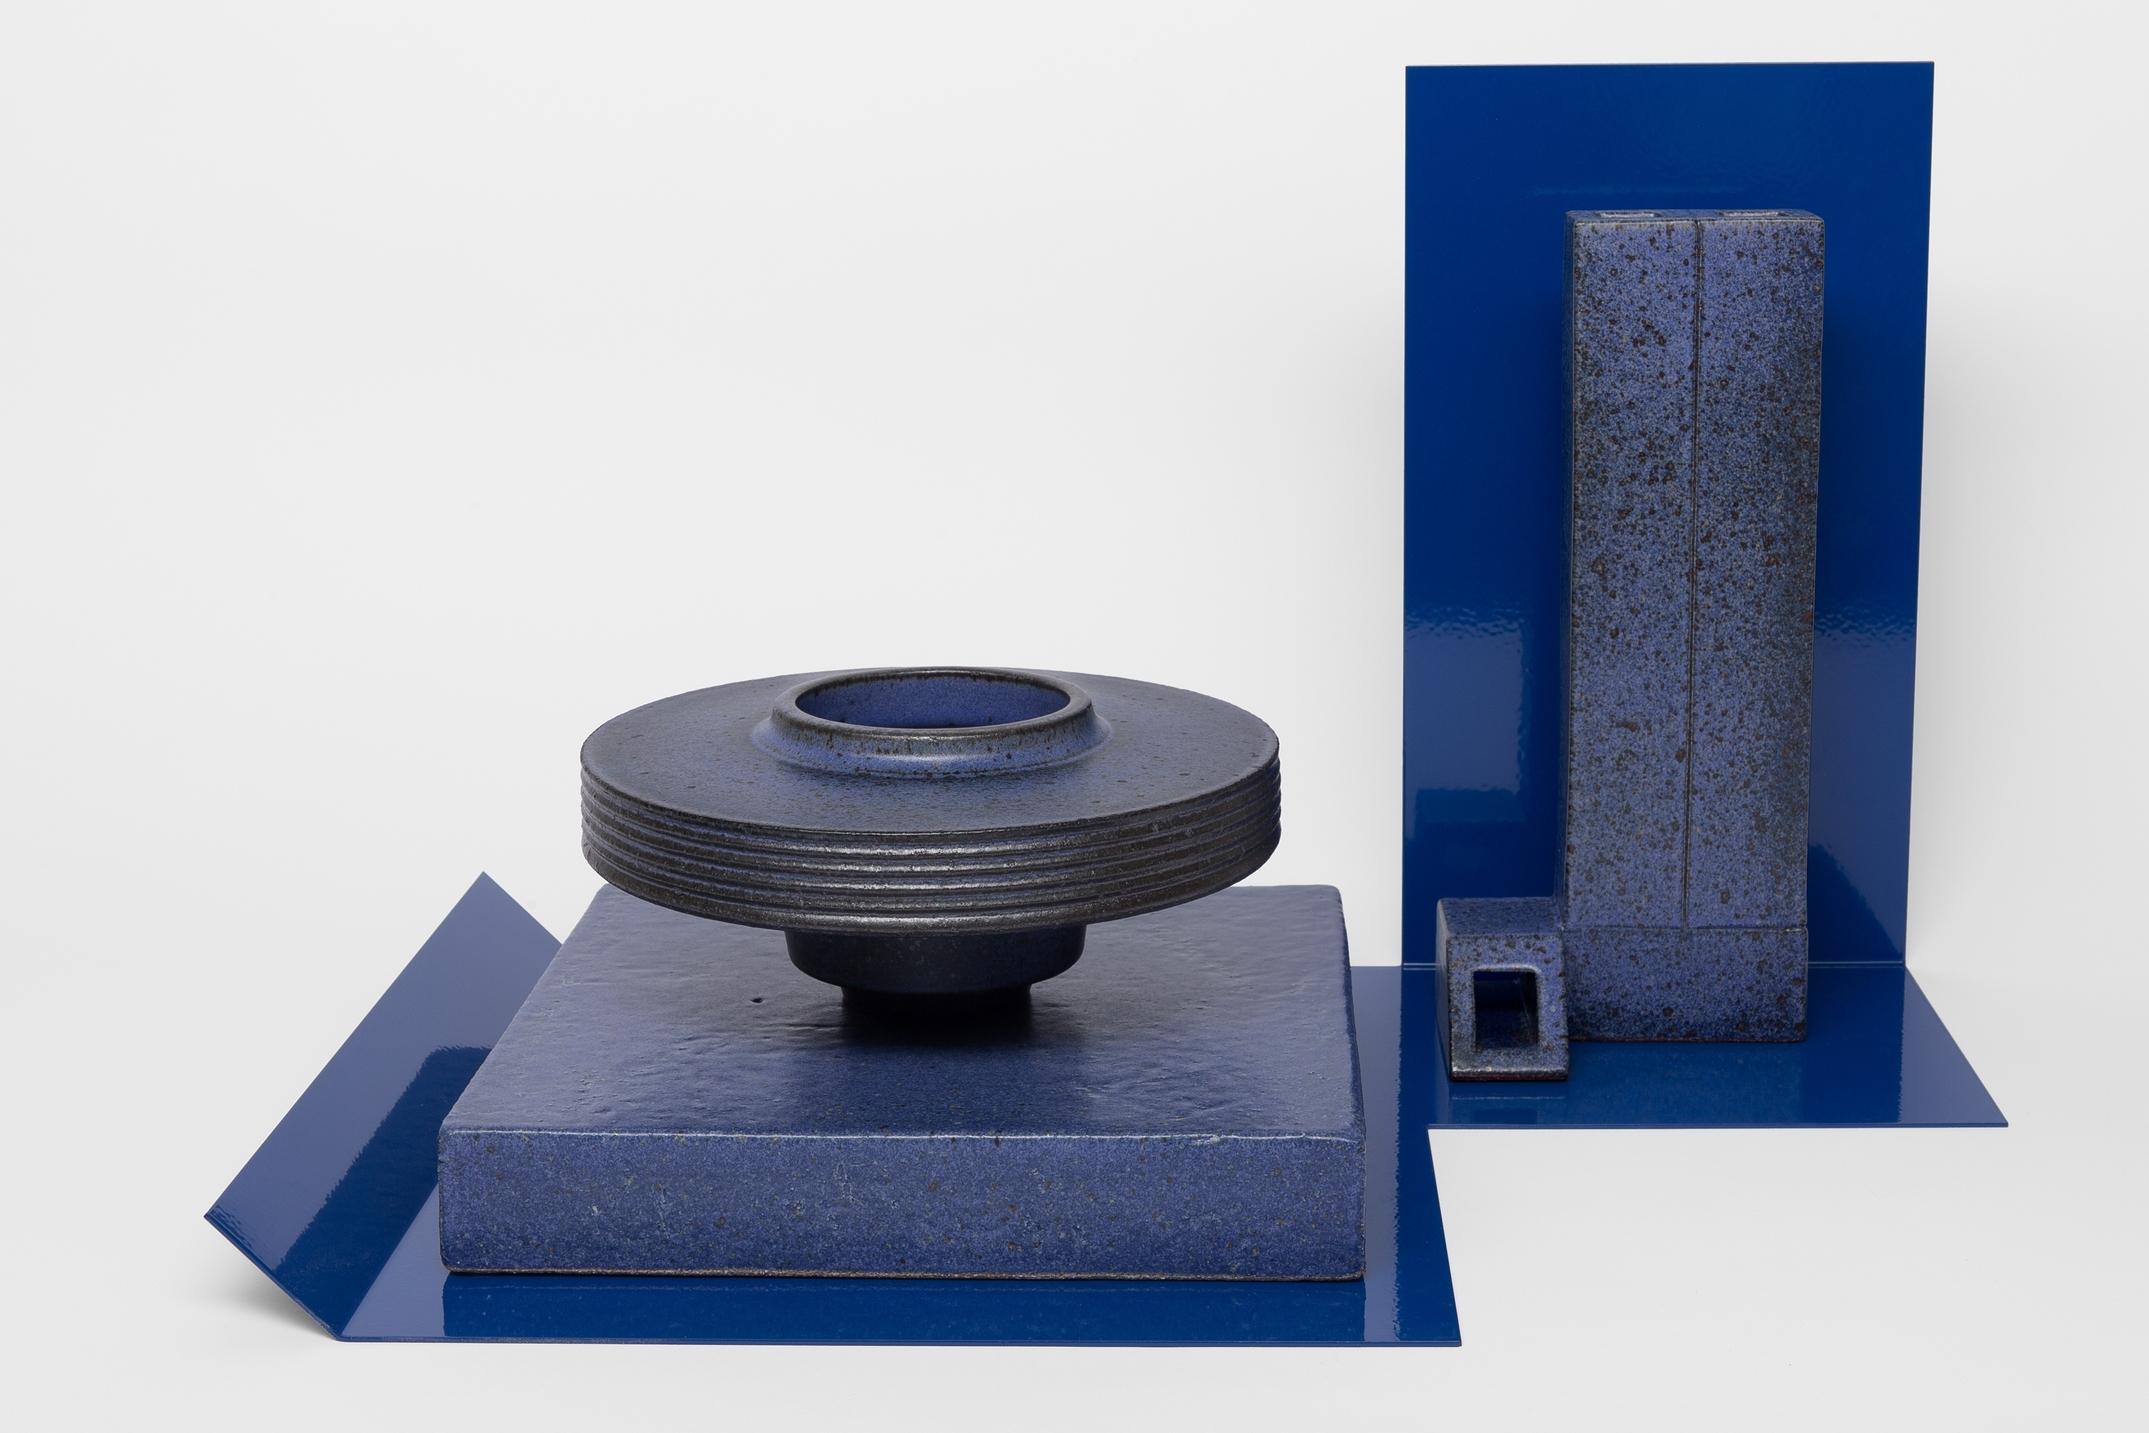 Studio Objects in Blue (w/blue tray)